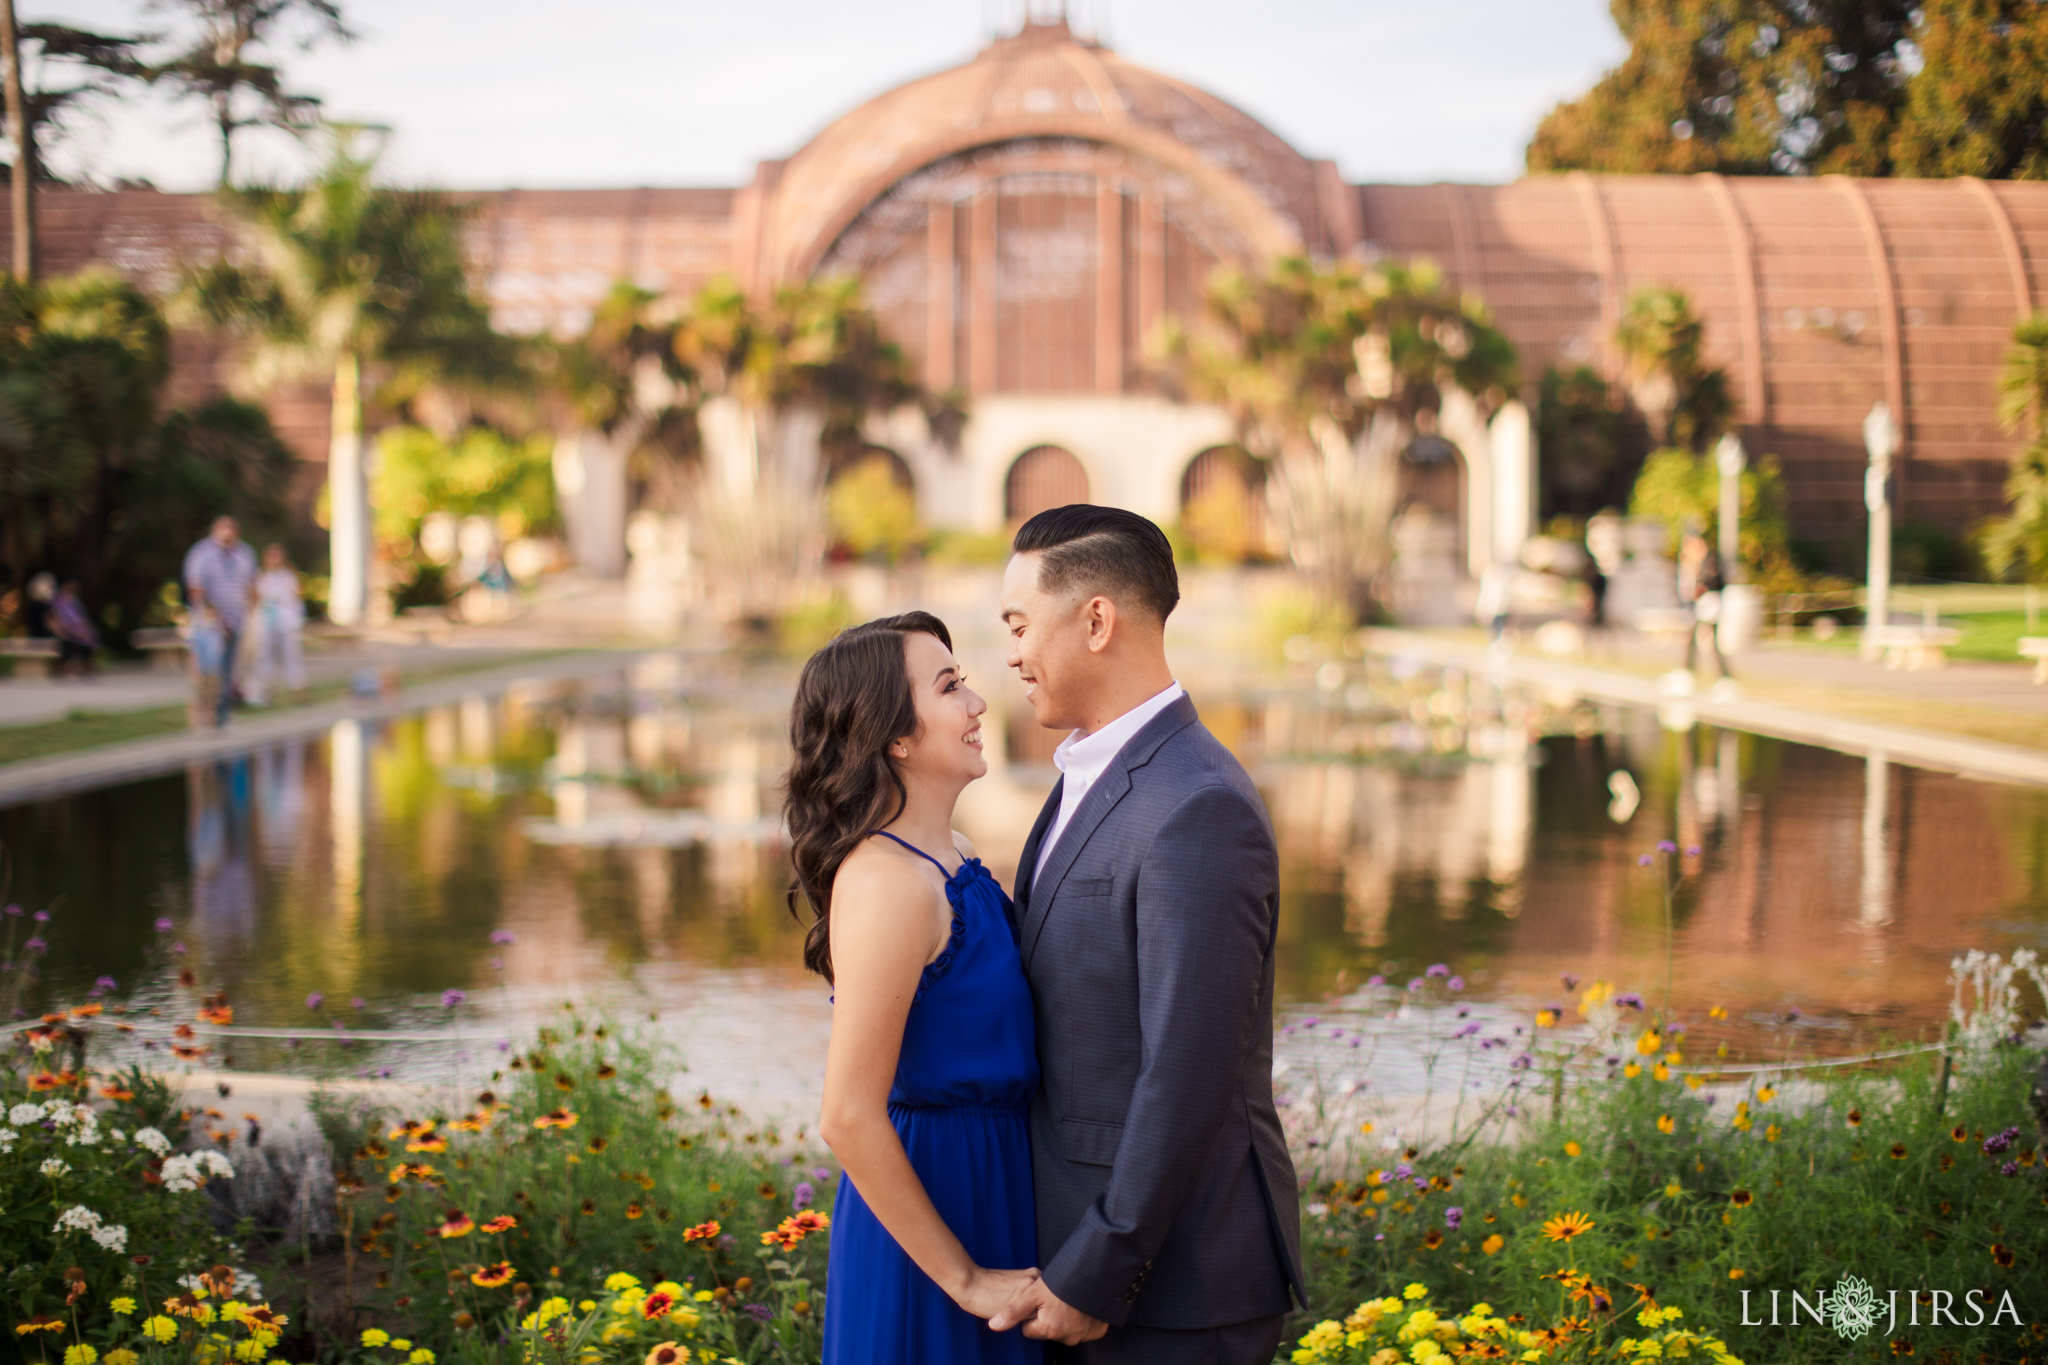 balboa park engagement lin and jirsa photography